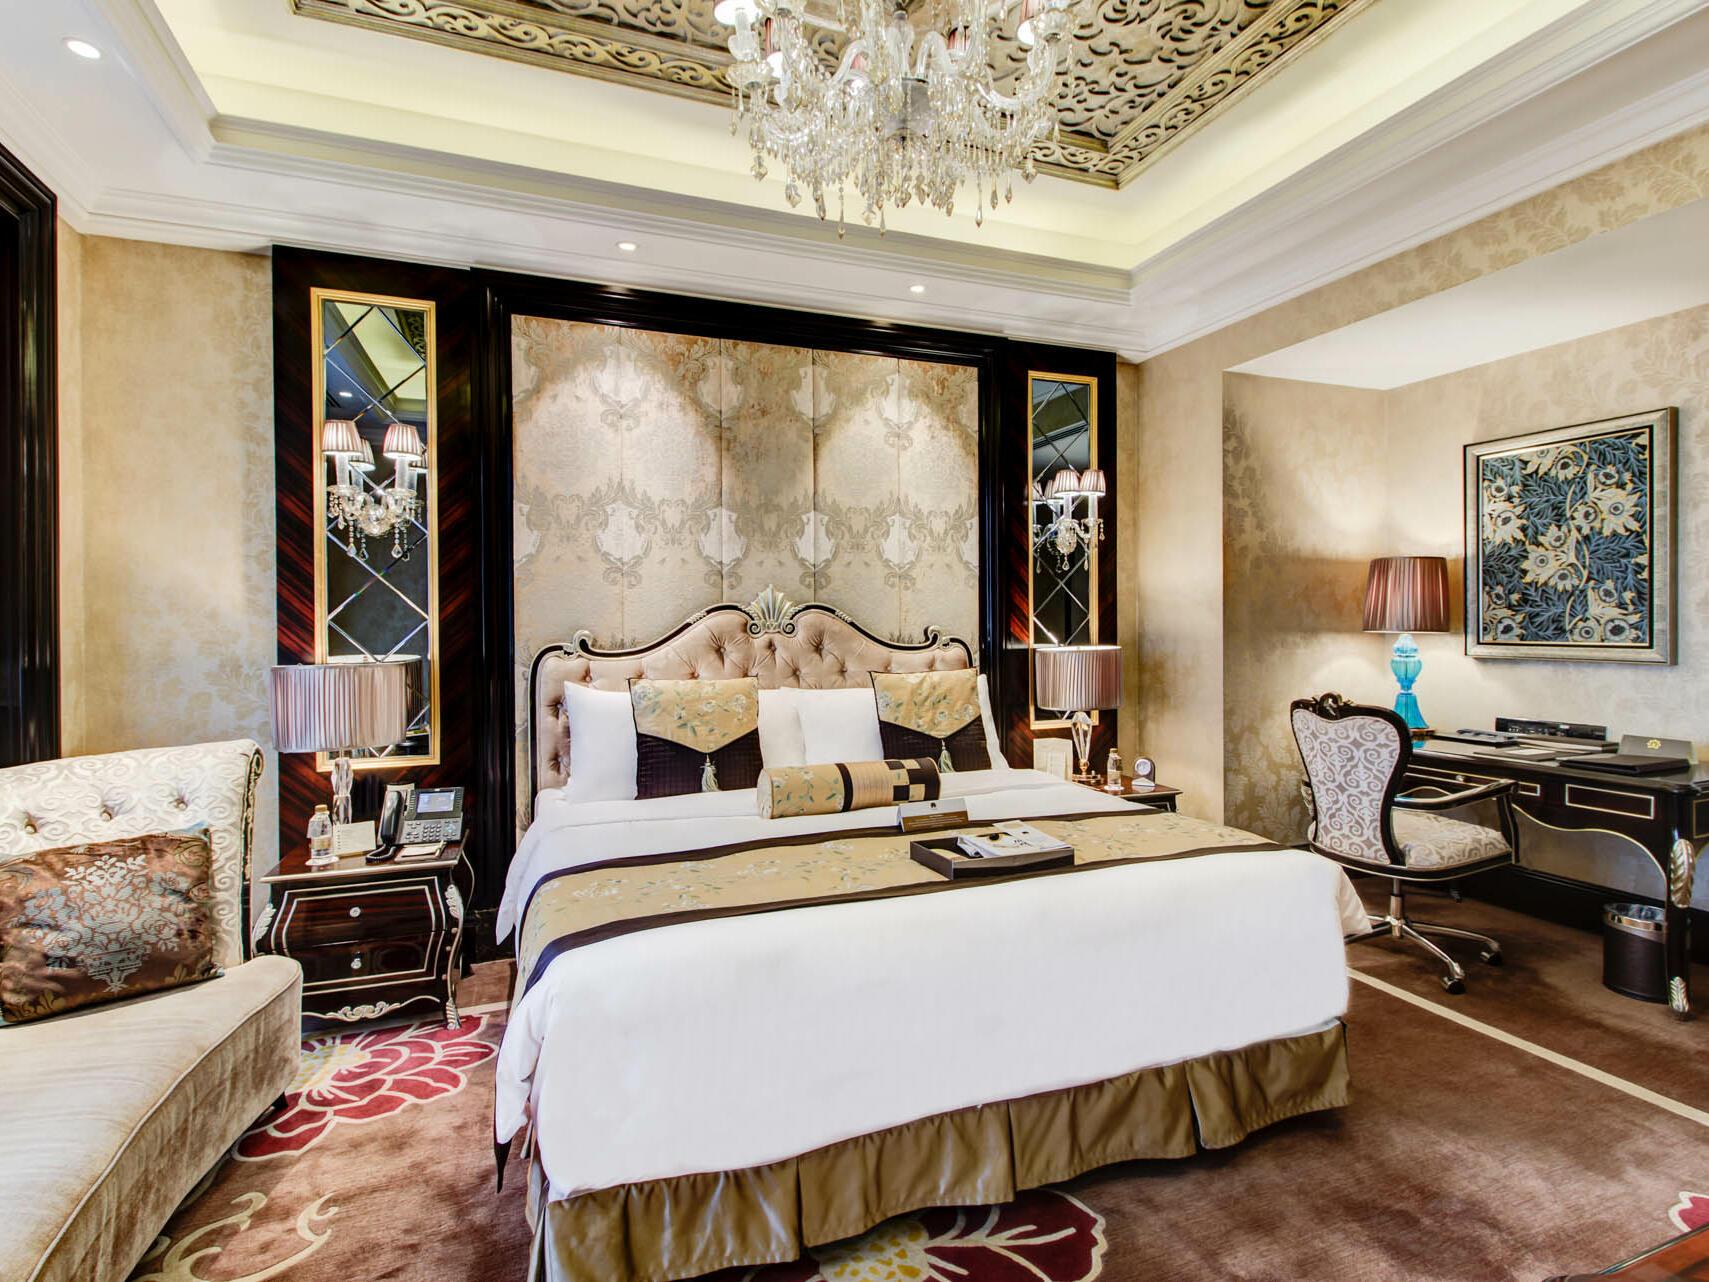 Executive Room at Narcissus Hotel & Spa Riyadh